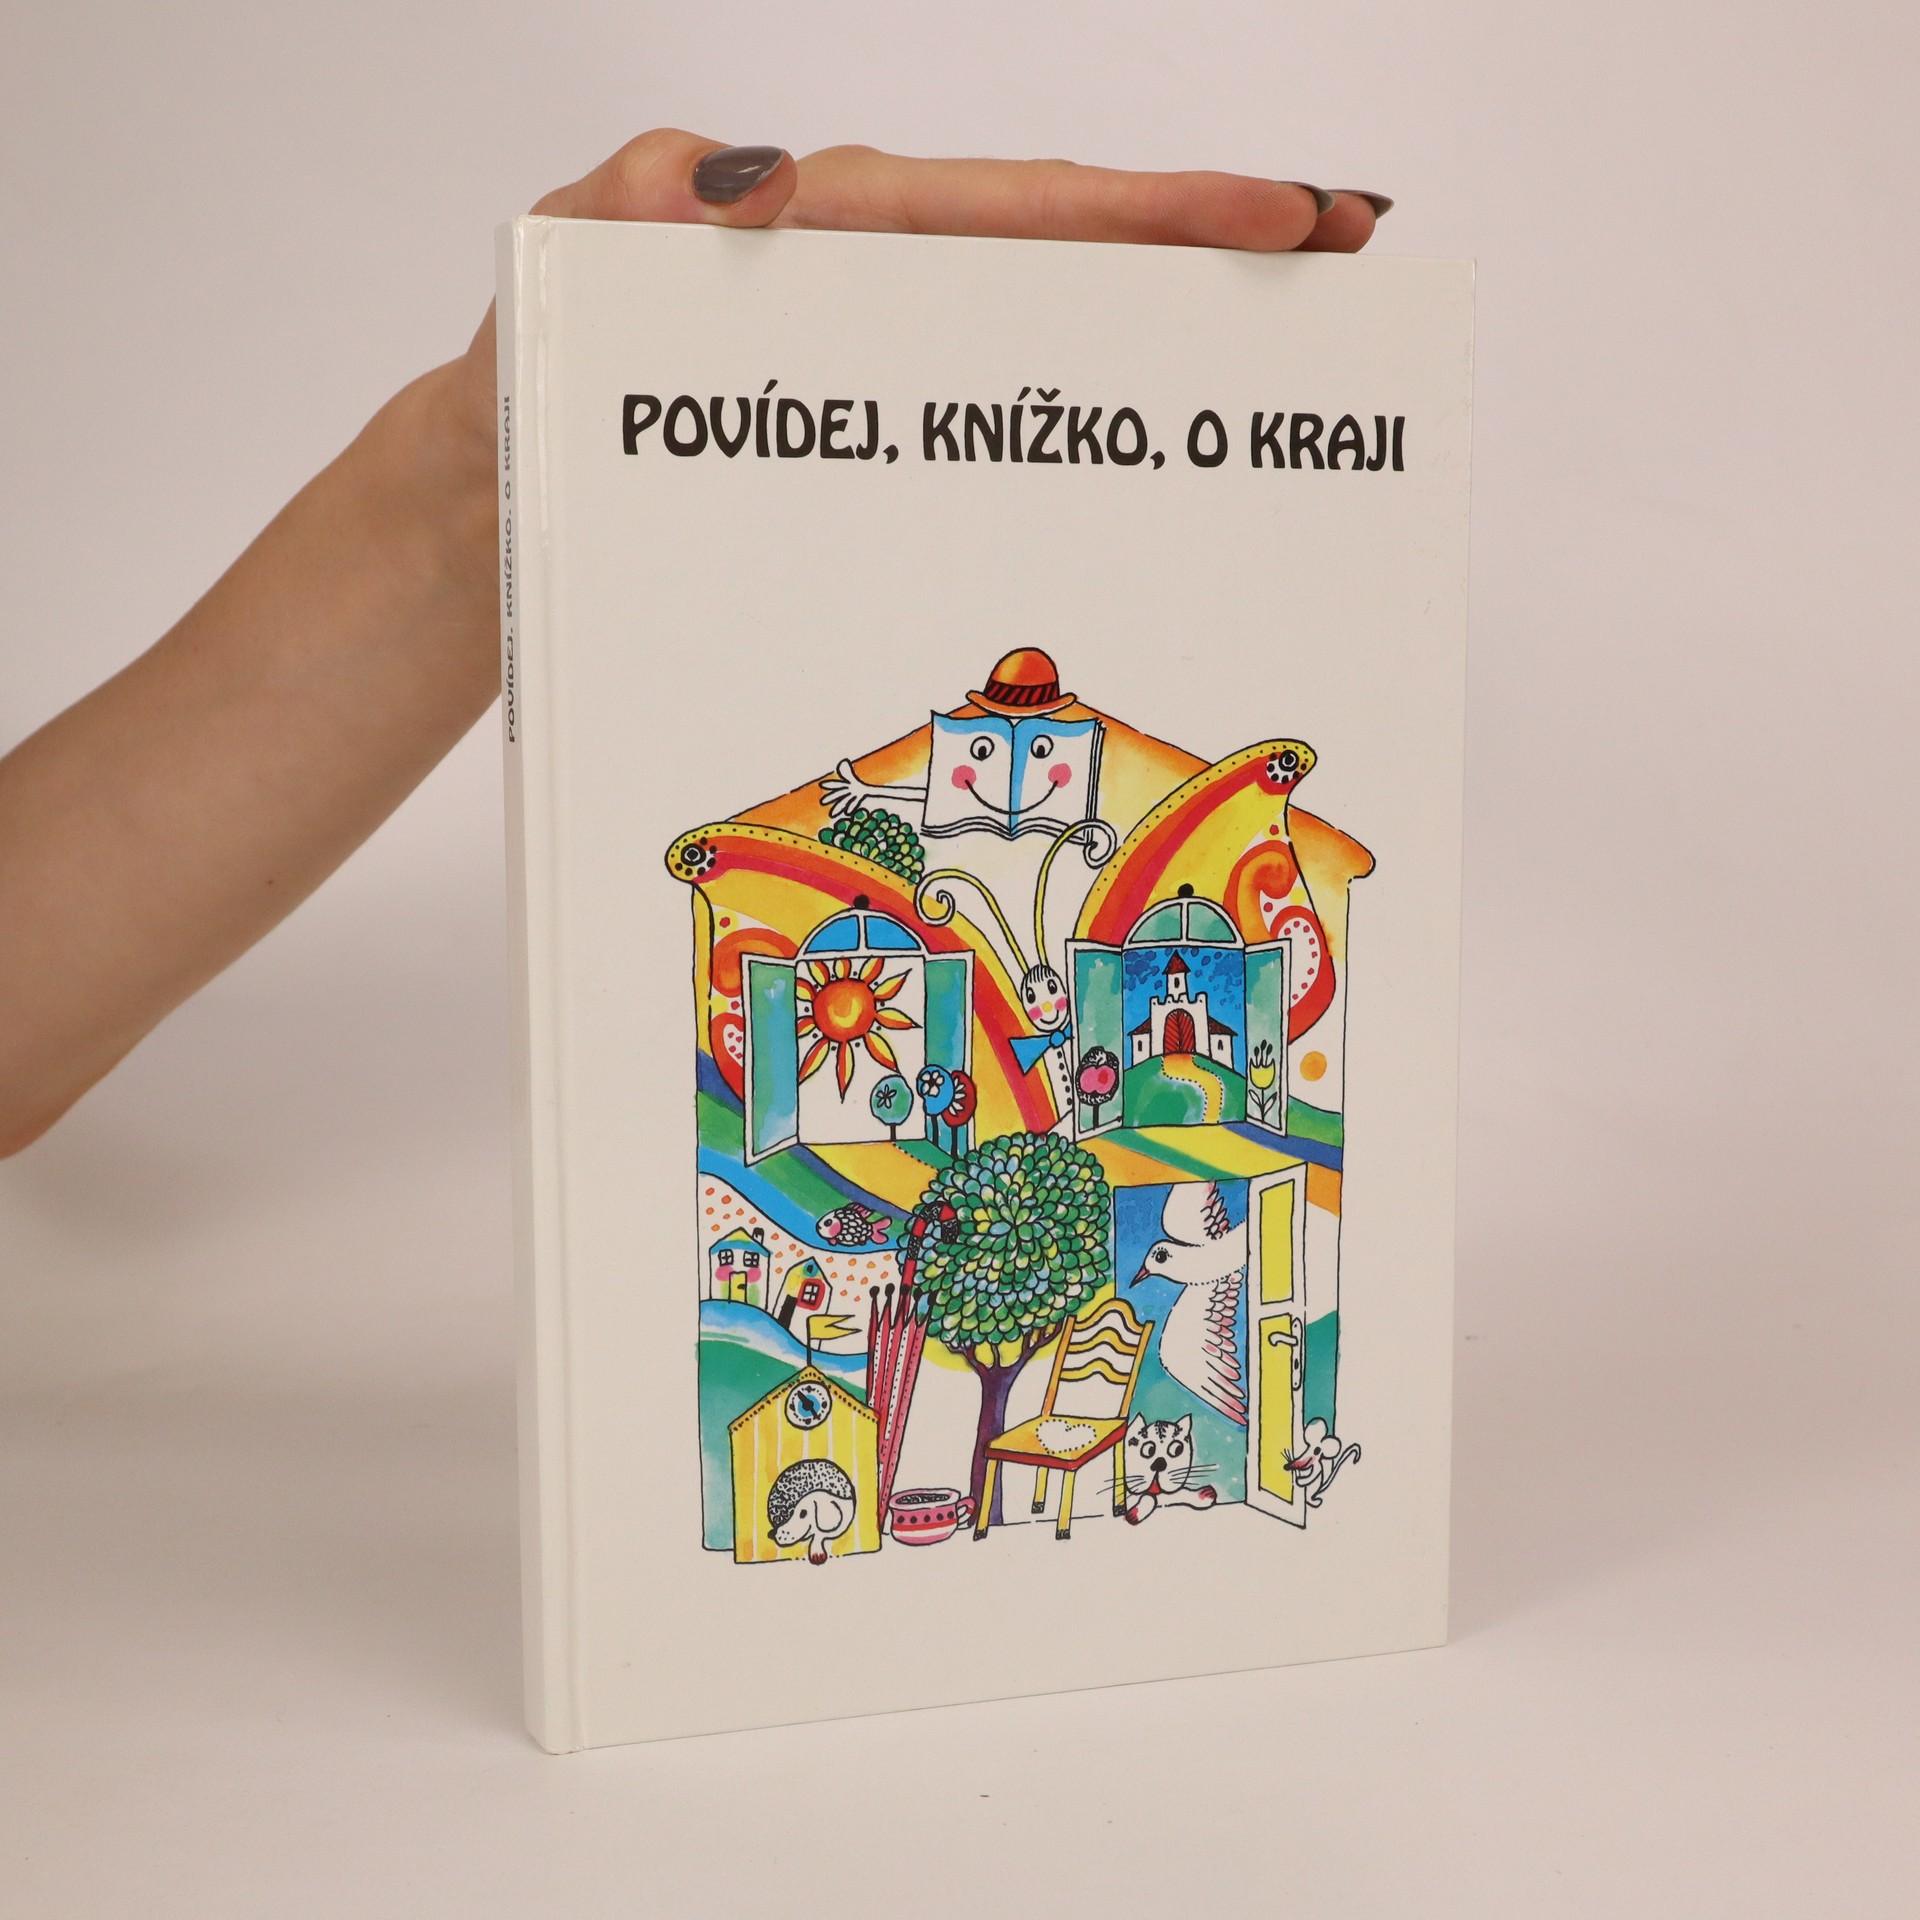 antikvární kniha Povídej, knížko, o kraji, 1996